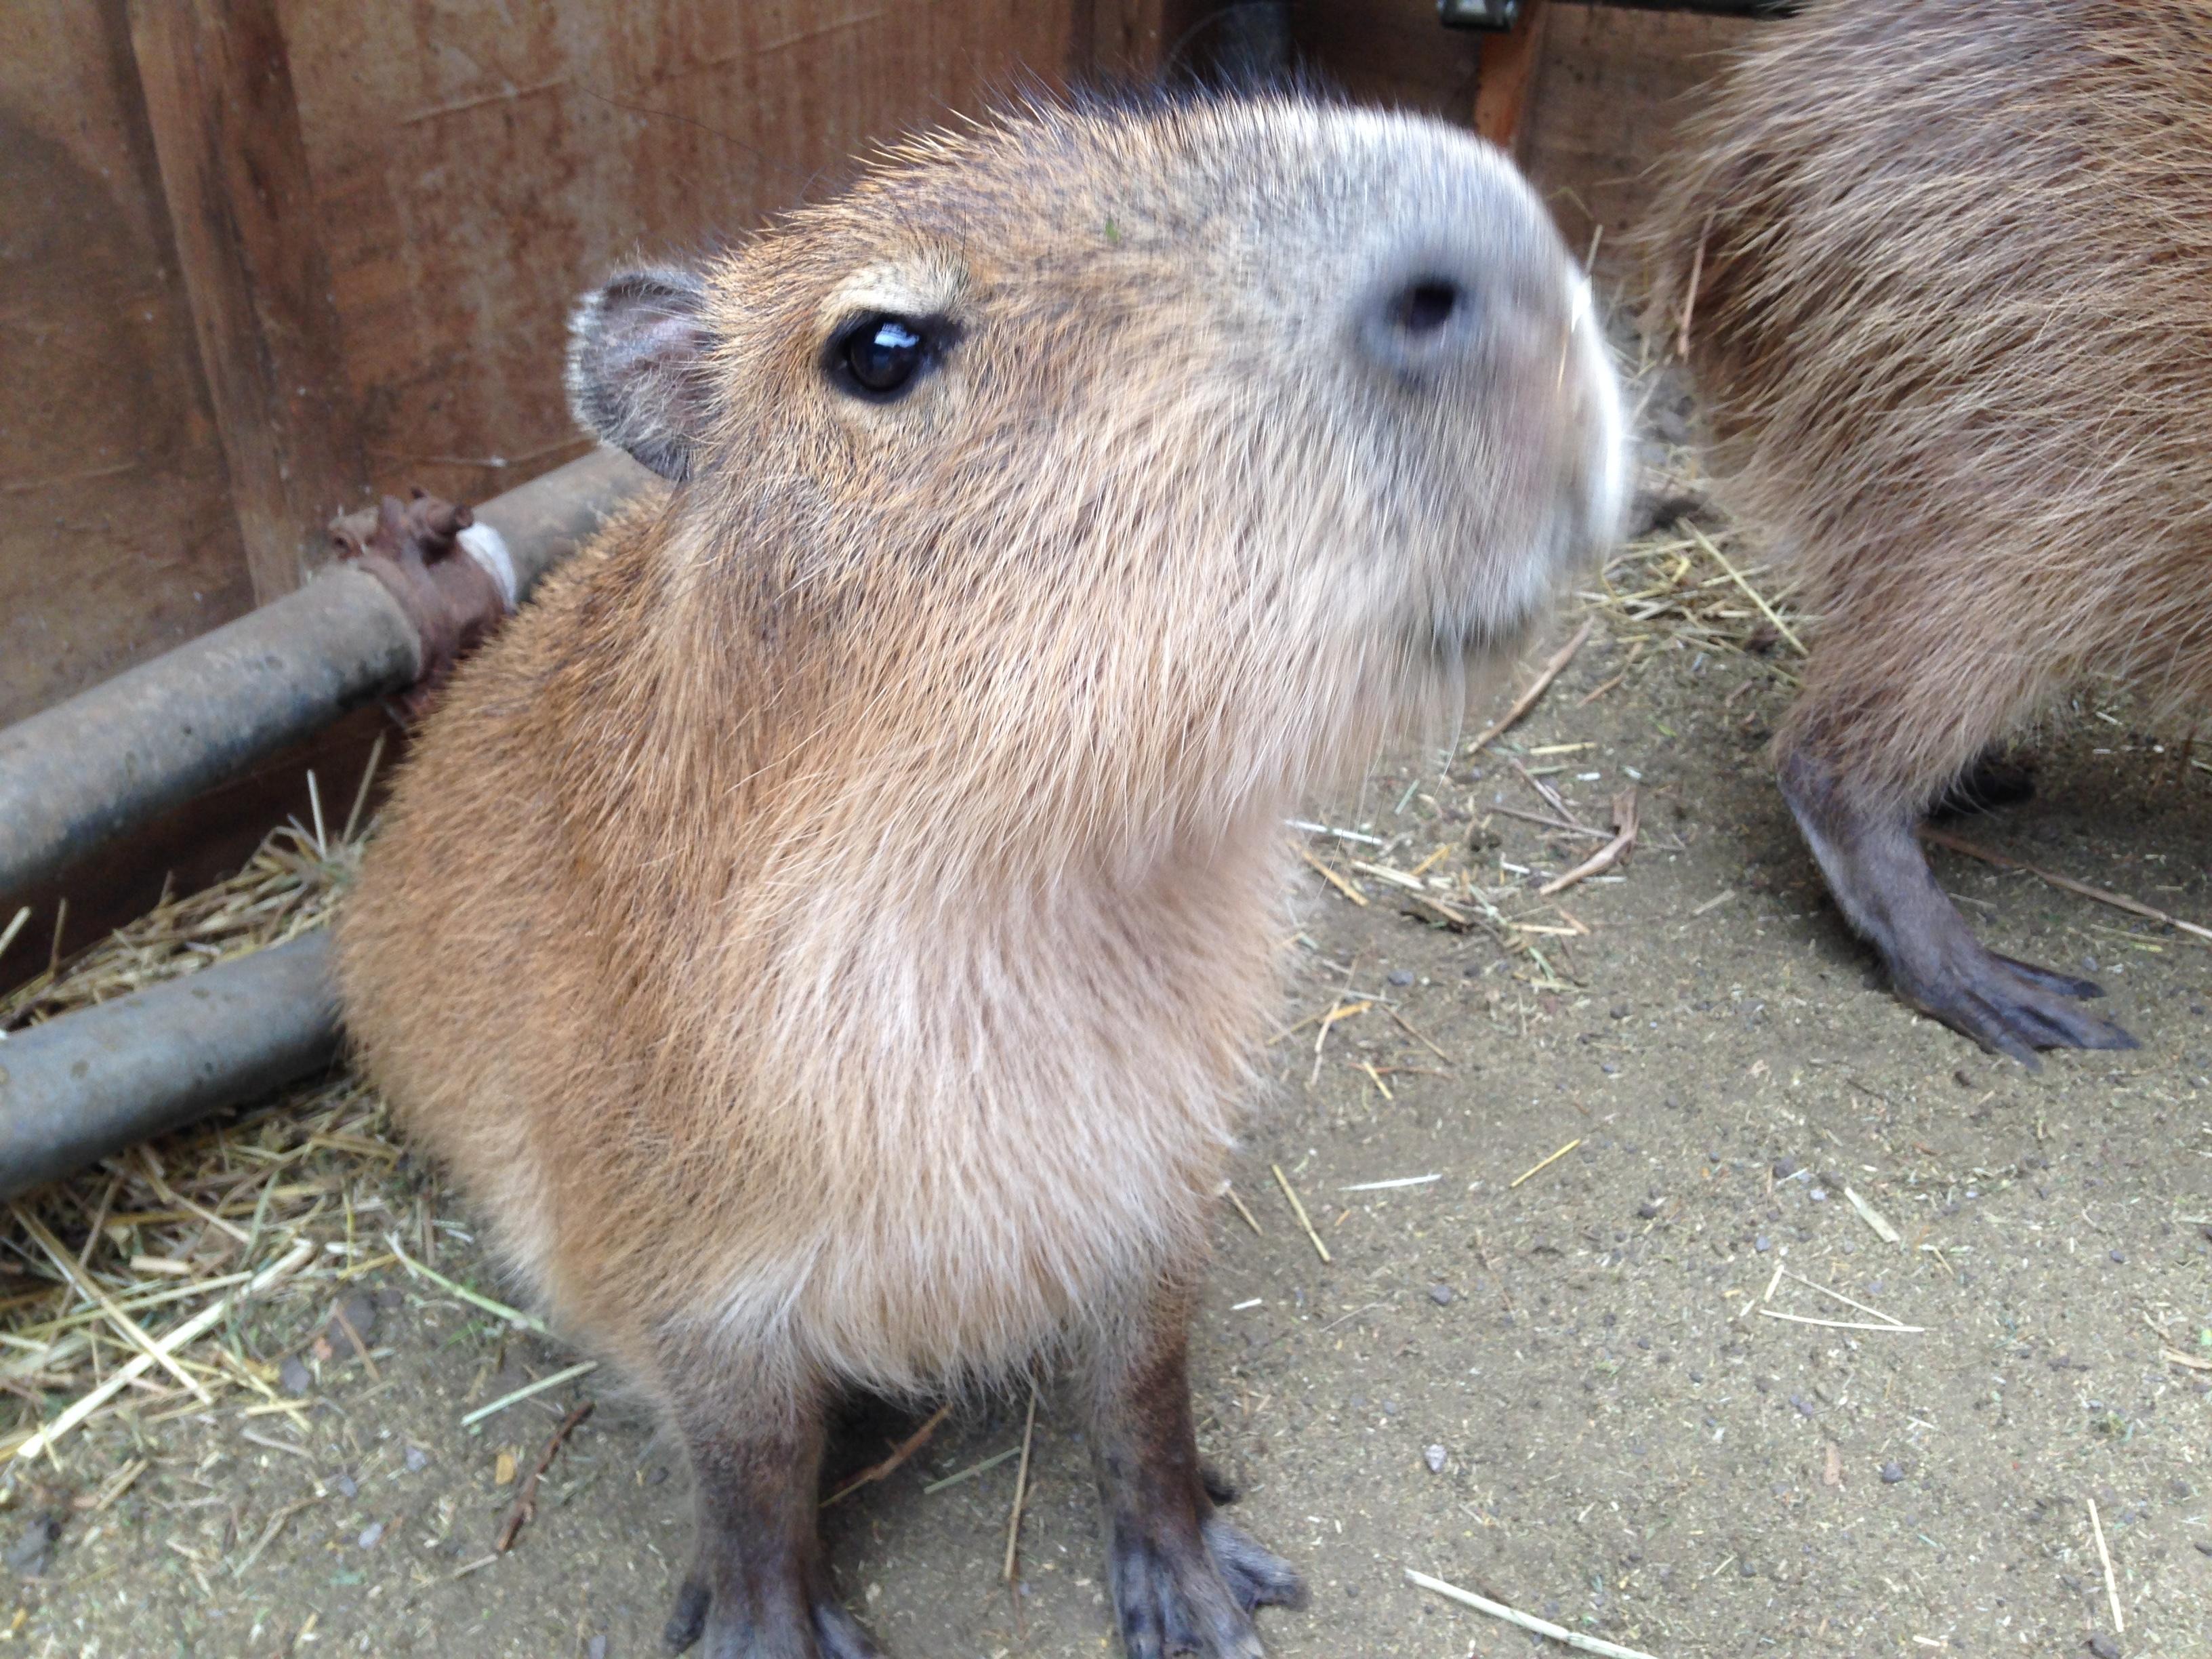 伊豆 愛犬と一緒に楽しめる動物園 アニマルキングダム に行ってみた